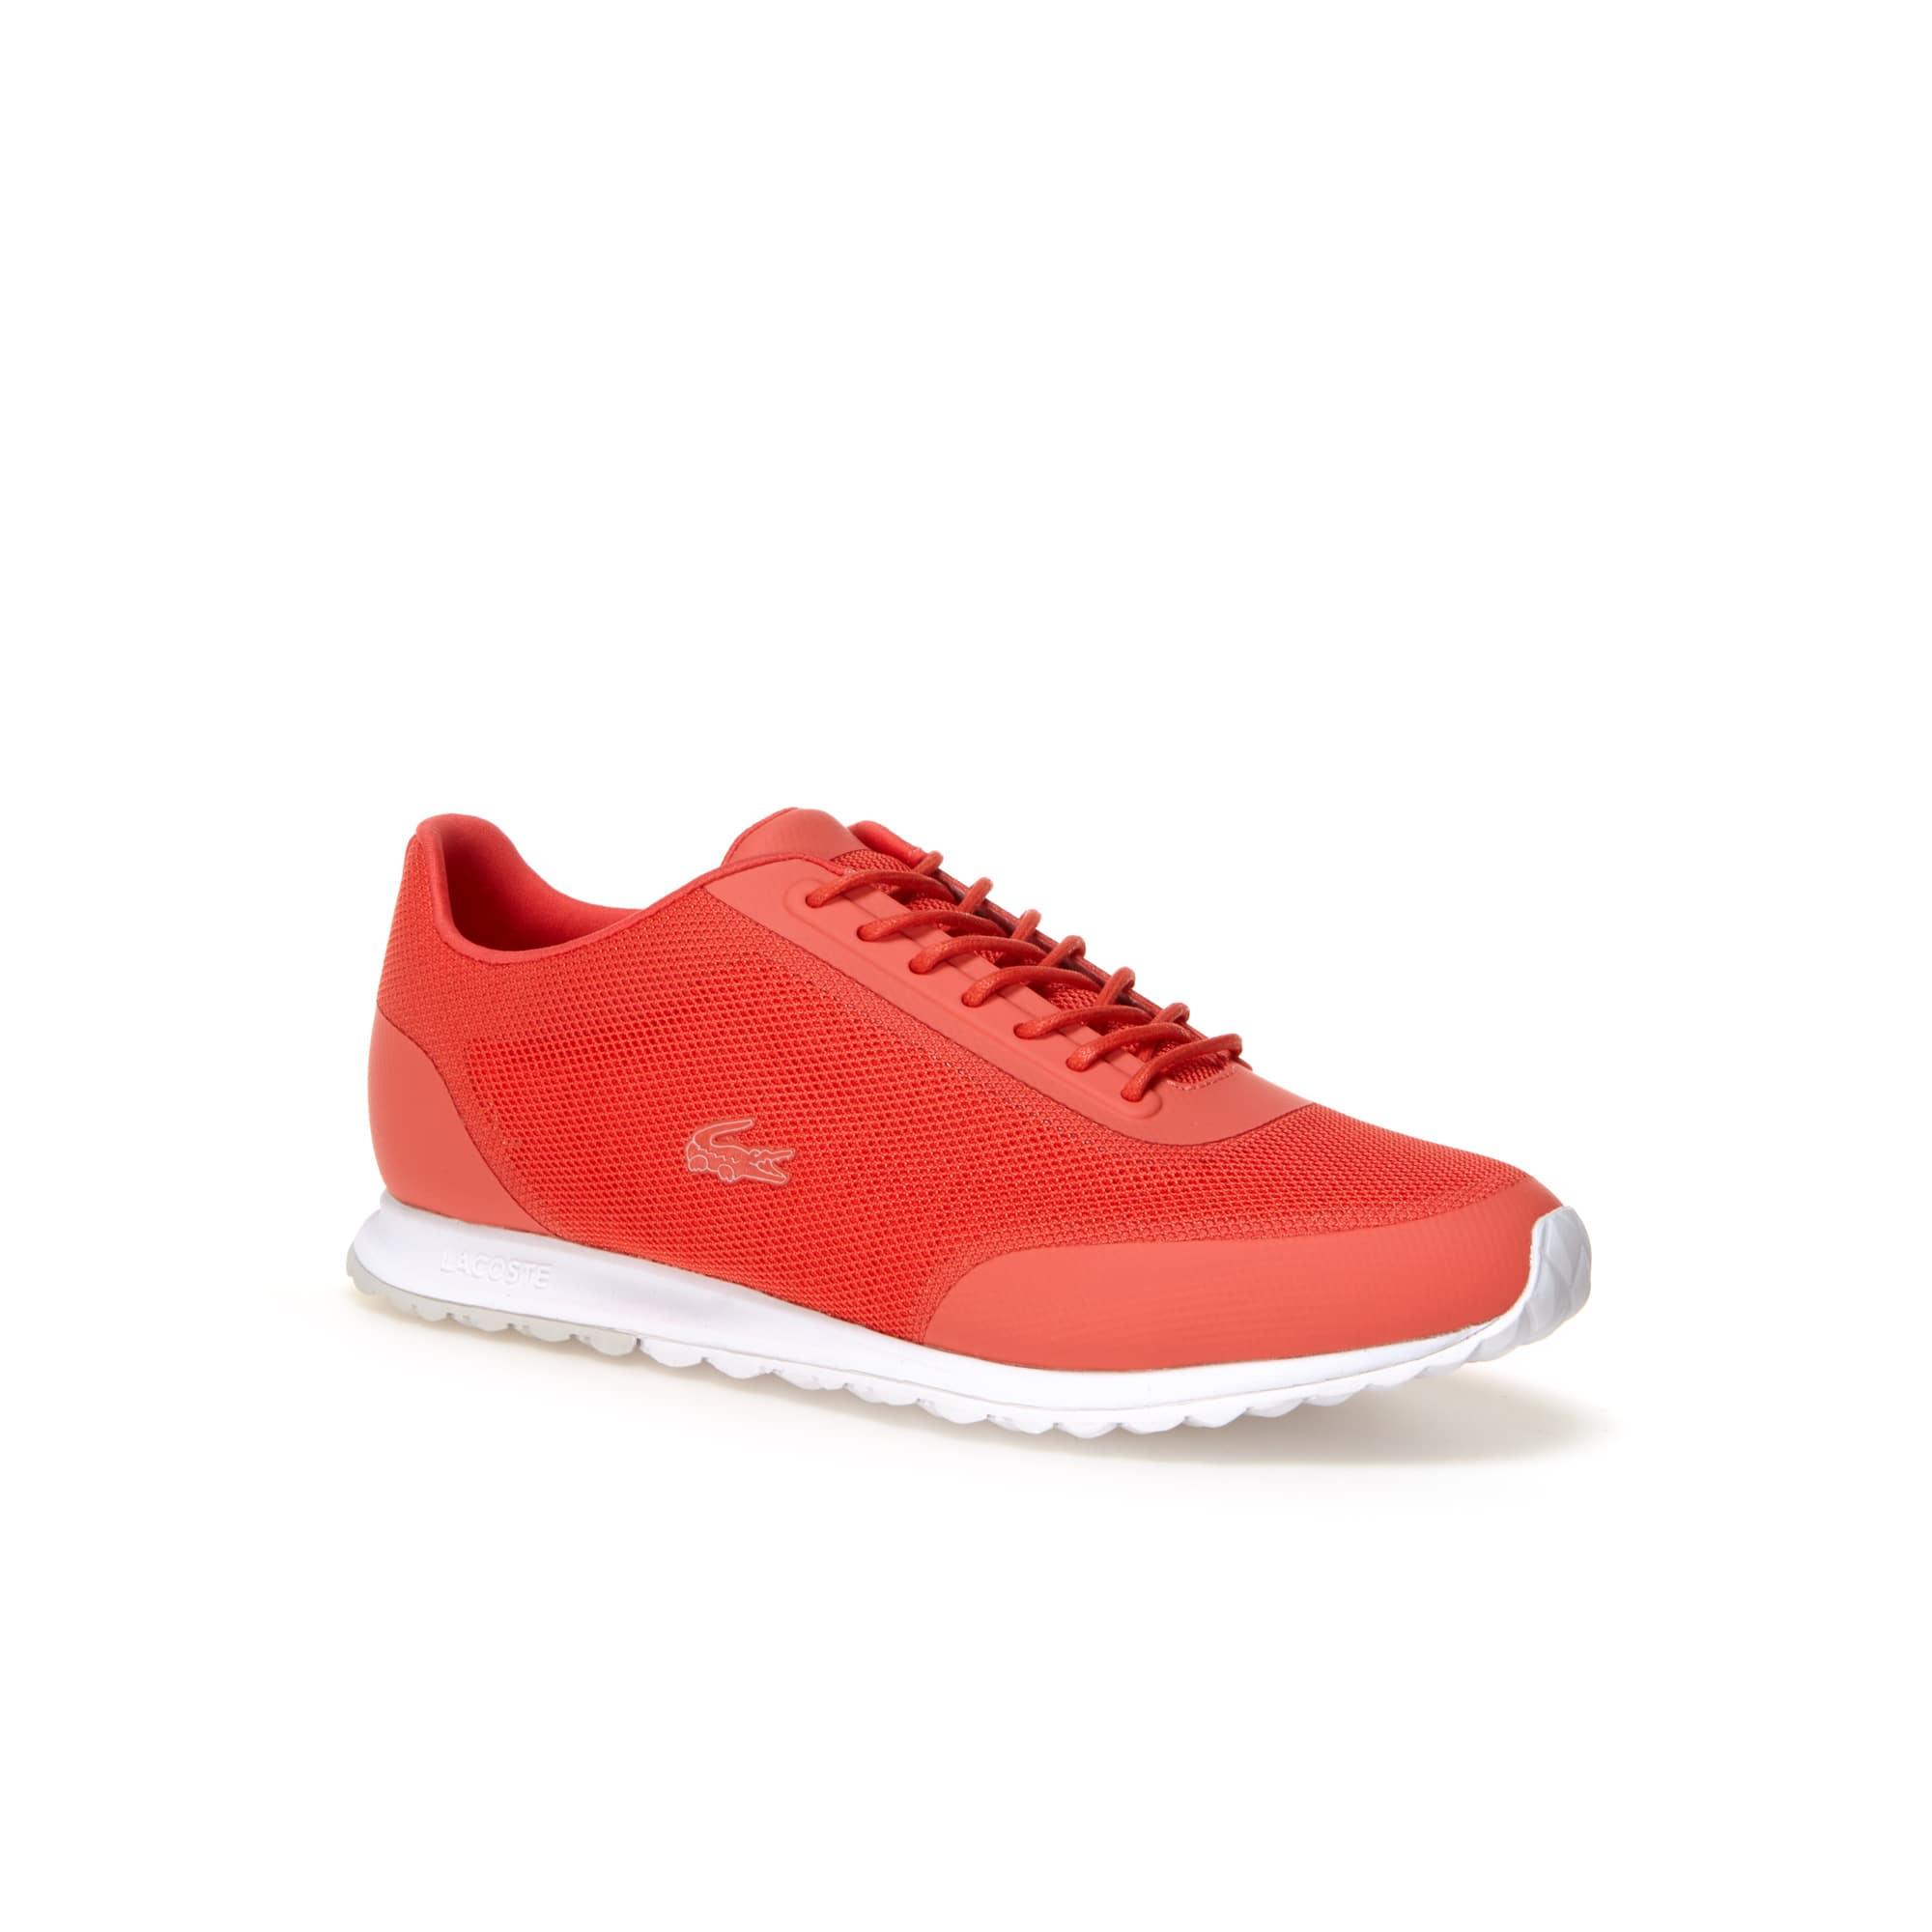 26871ed34697 Lacoste shoes - Shop online all Lacoste shoes